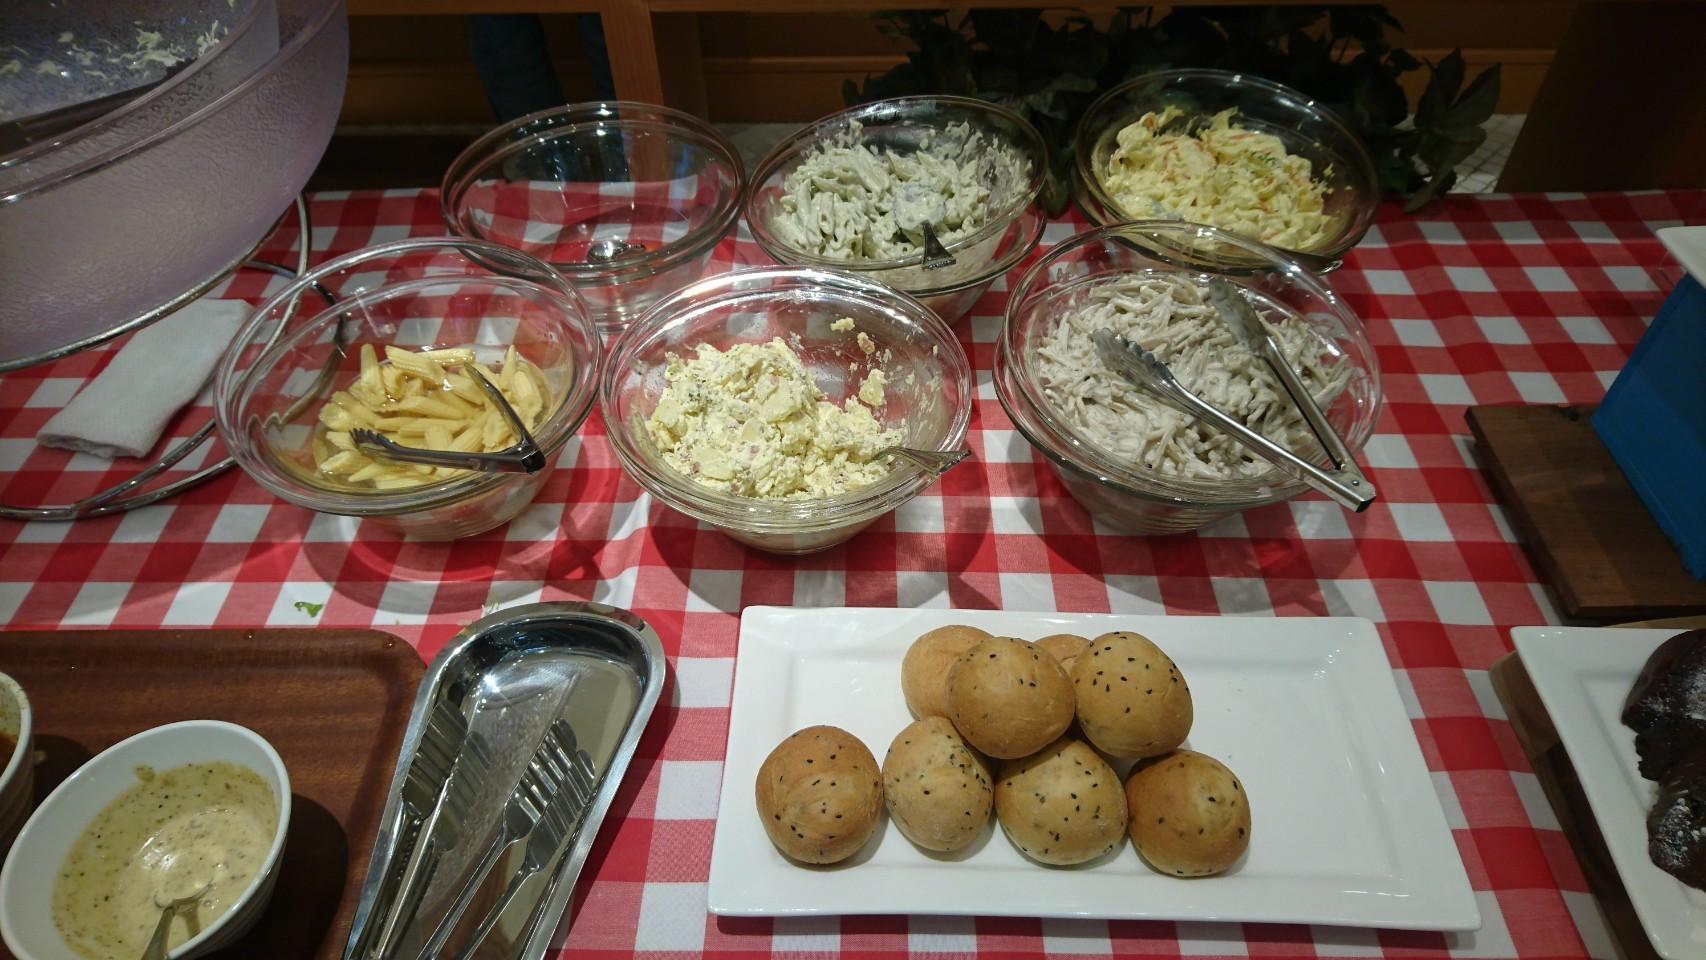 タルト食べ放題の「デリスタルト&カフェ」_1_2-1